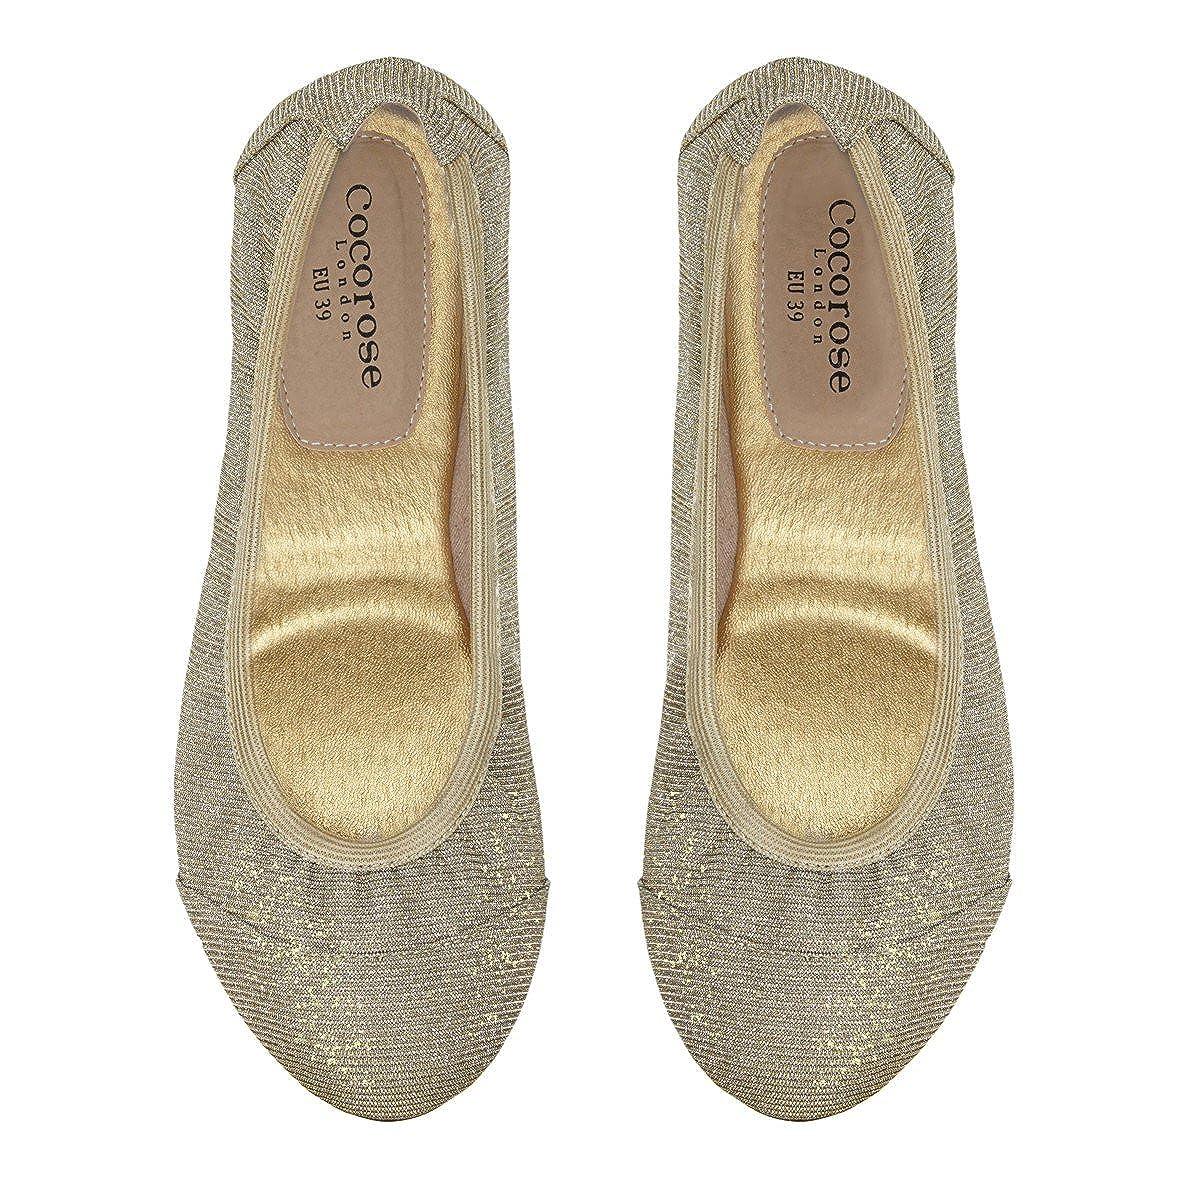 Cocorose Foldable Schuhes Barbican Ladies Ballet  Pumps    Ballet  ... a98033